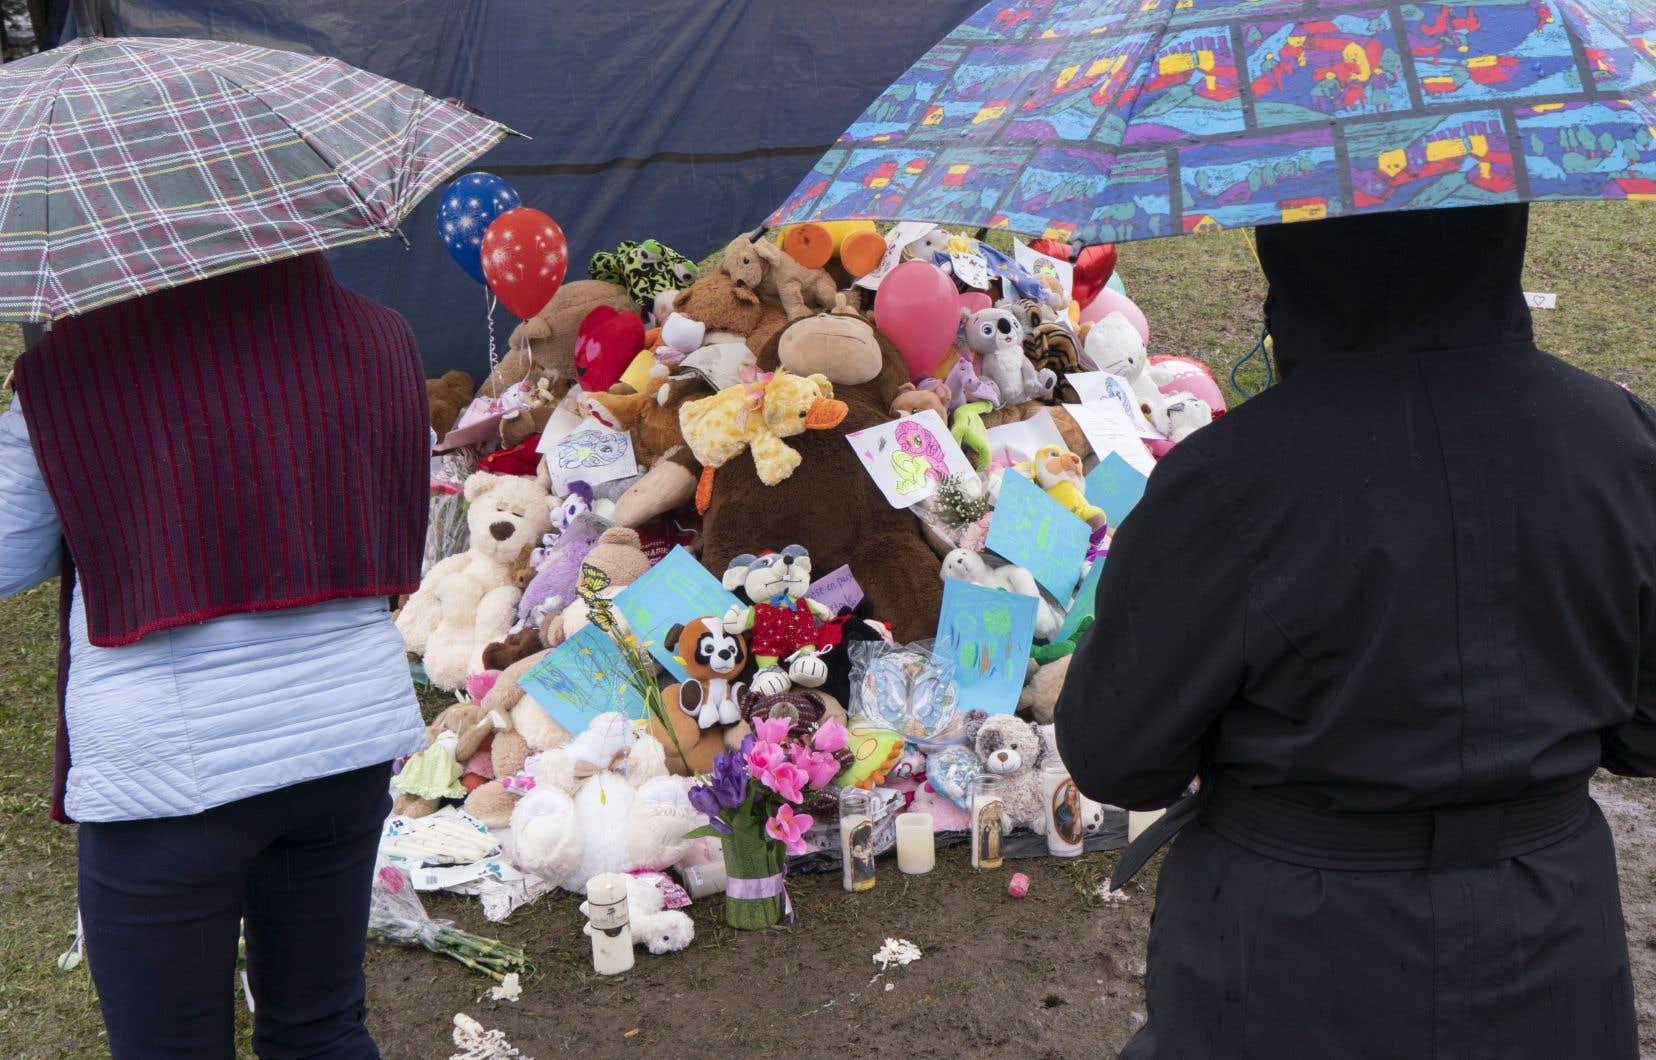 Le drame de cette fillette décédée à Granby amène tout le monde à se questionner sur l'efficacité et la qualité des services sociaux au Québec.